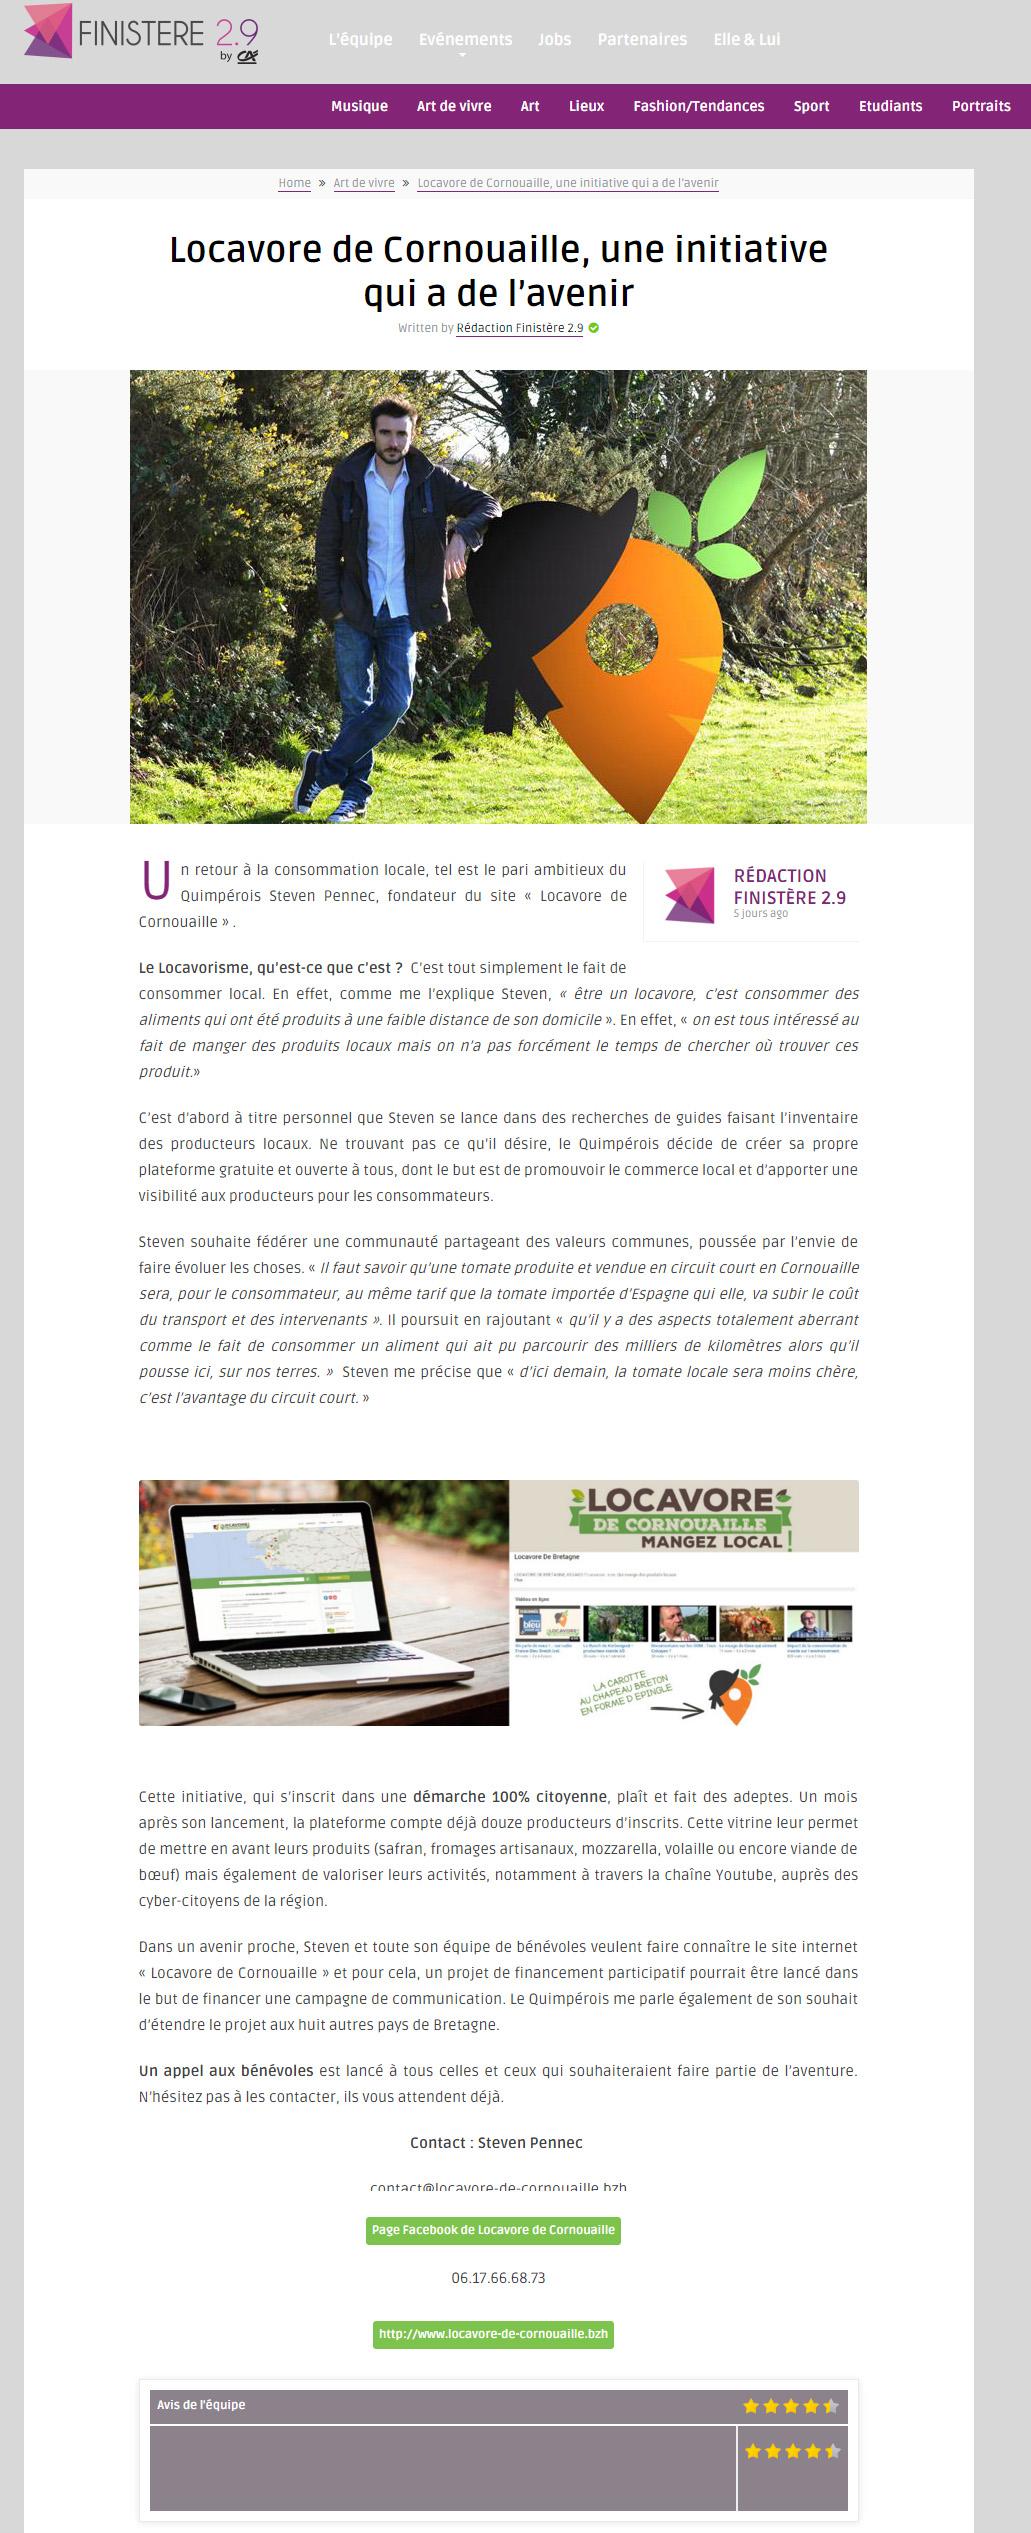 Nouvel article sur Mangeons-Local.bzh, sur Finistère2point9 !